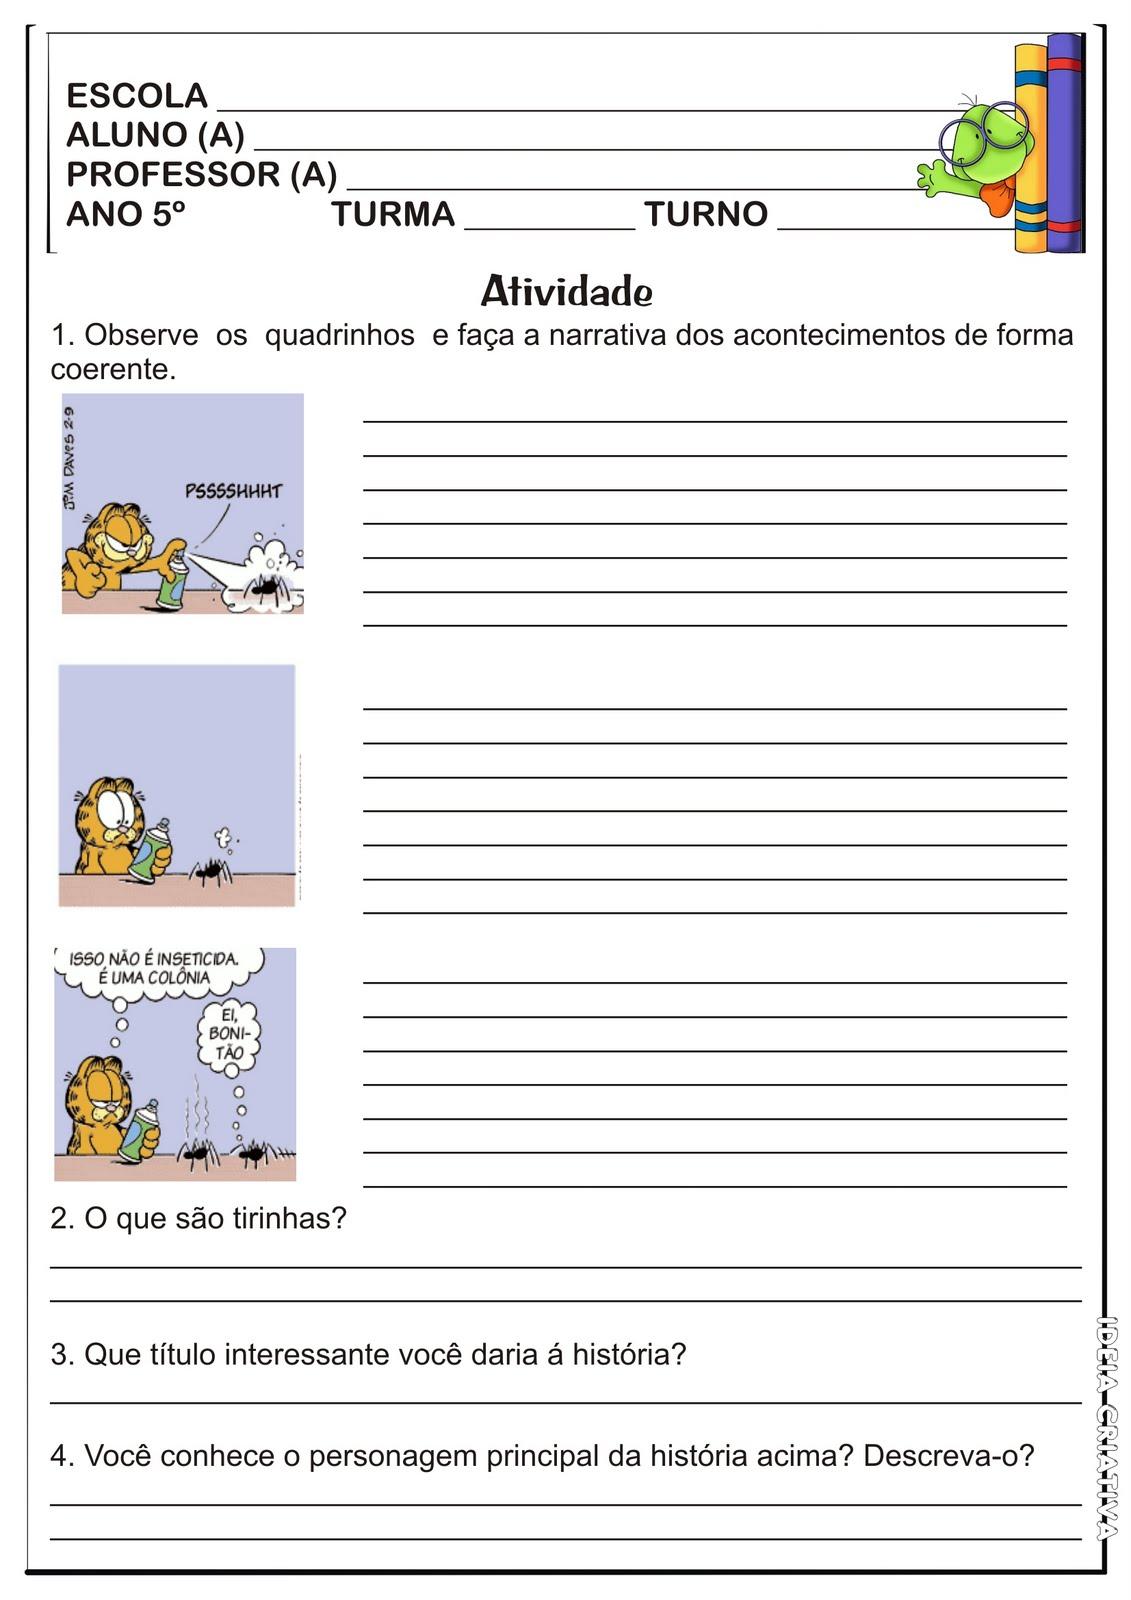 Suficiente Atividade Gênero Textual / Tirinha Garfield   Ideia Criativa - Gi  LQ79